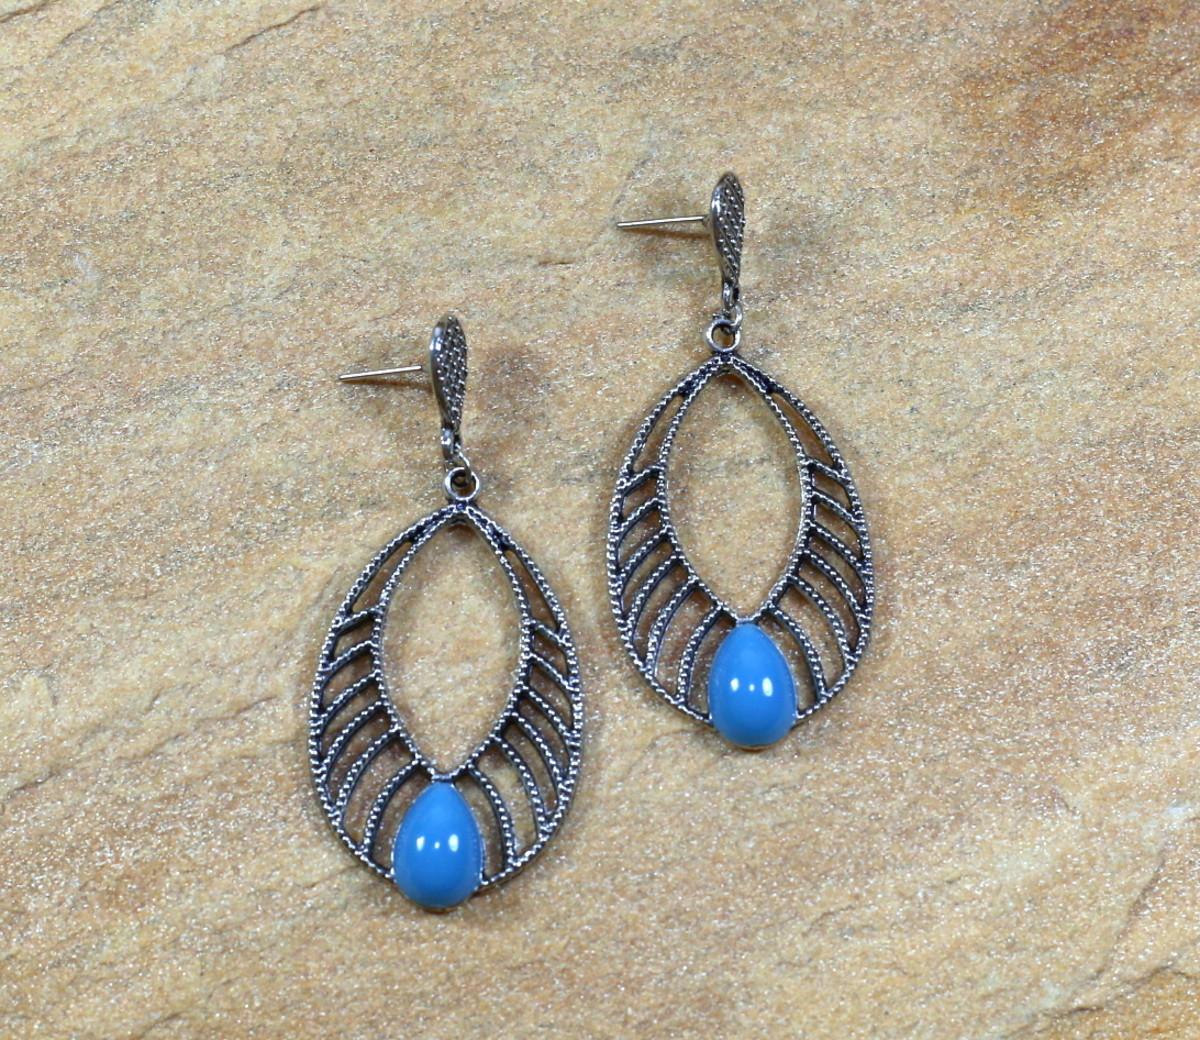 Brinco azul gota boho chic prateado bijuterias no Elo7  ffa00ed39cf